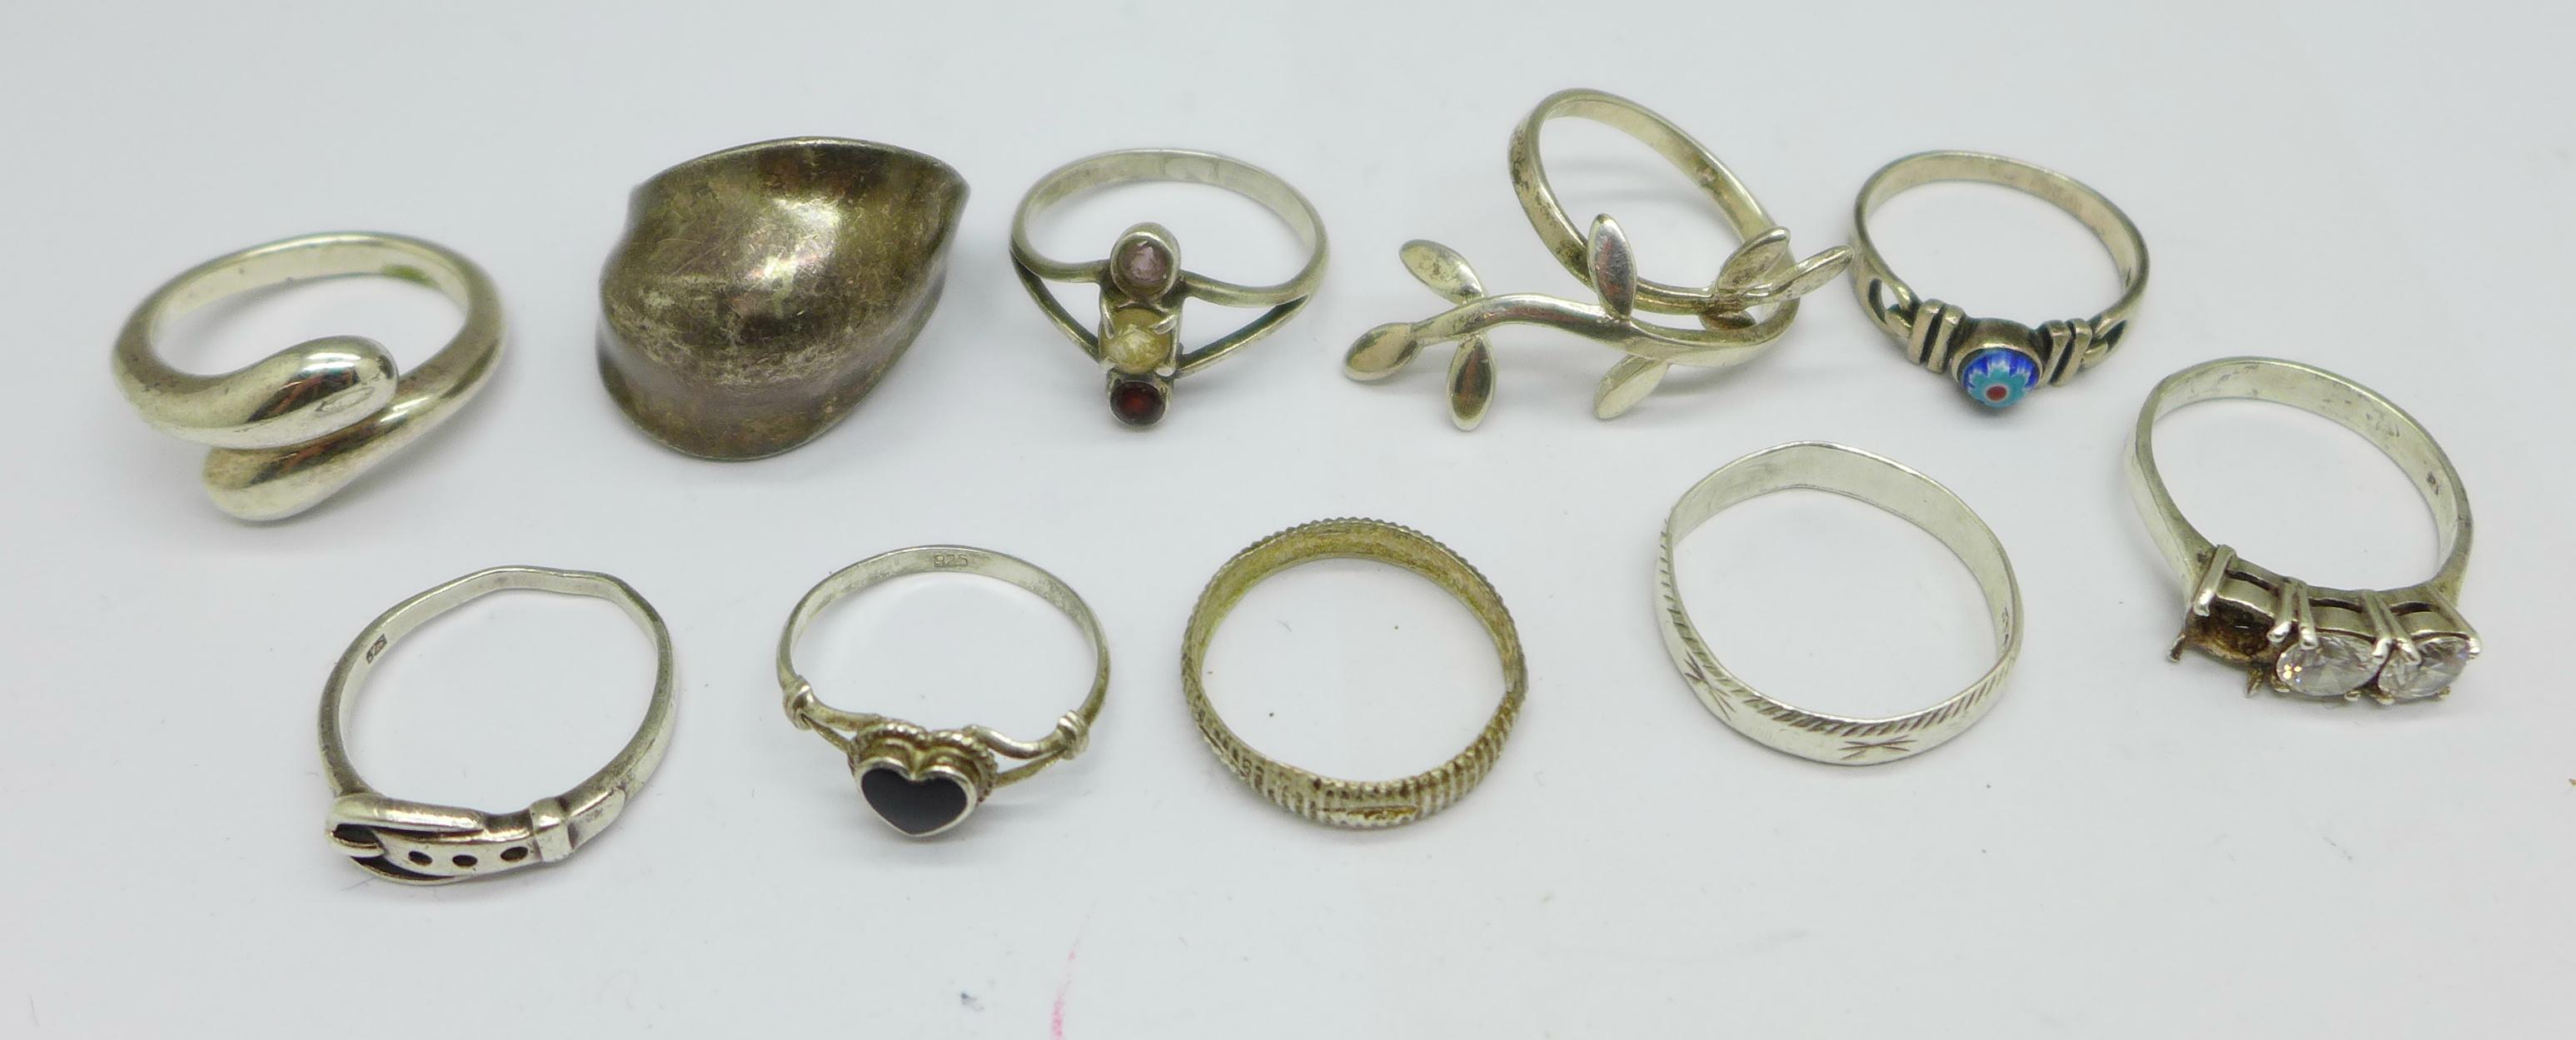 Ten silver rings, 28g